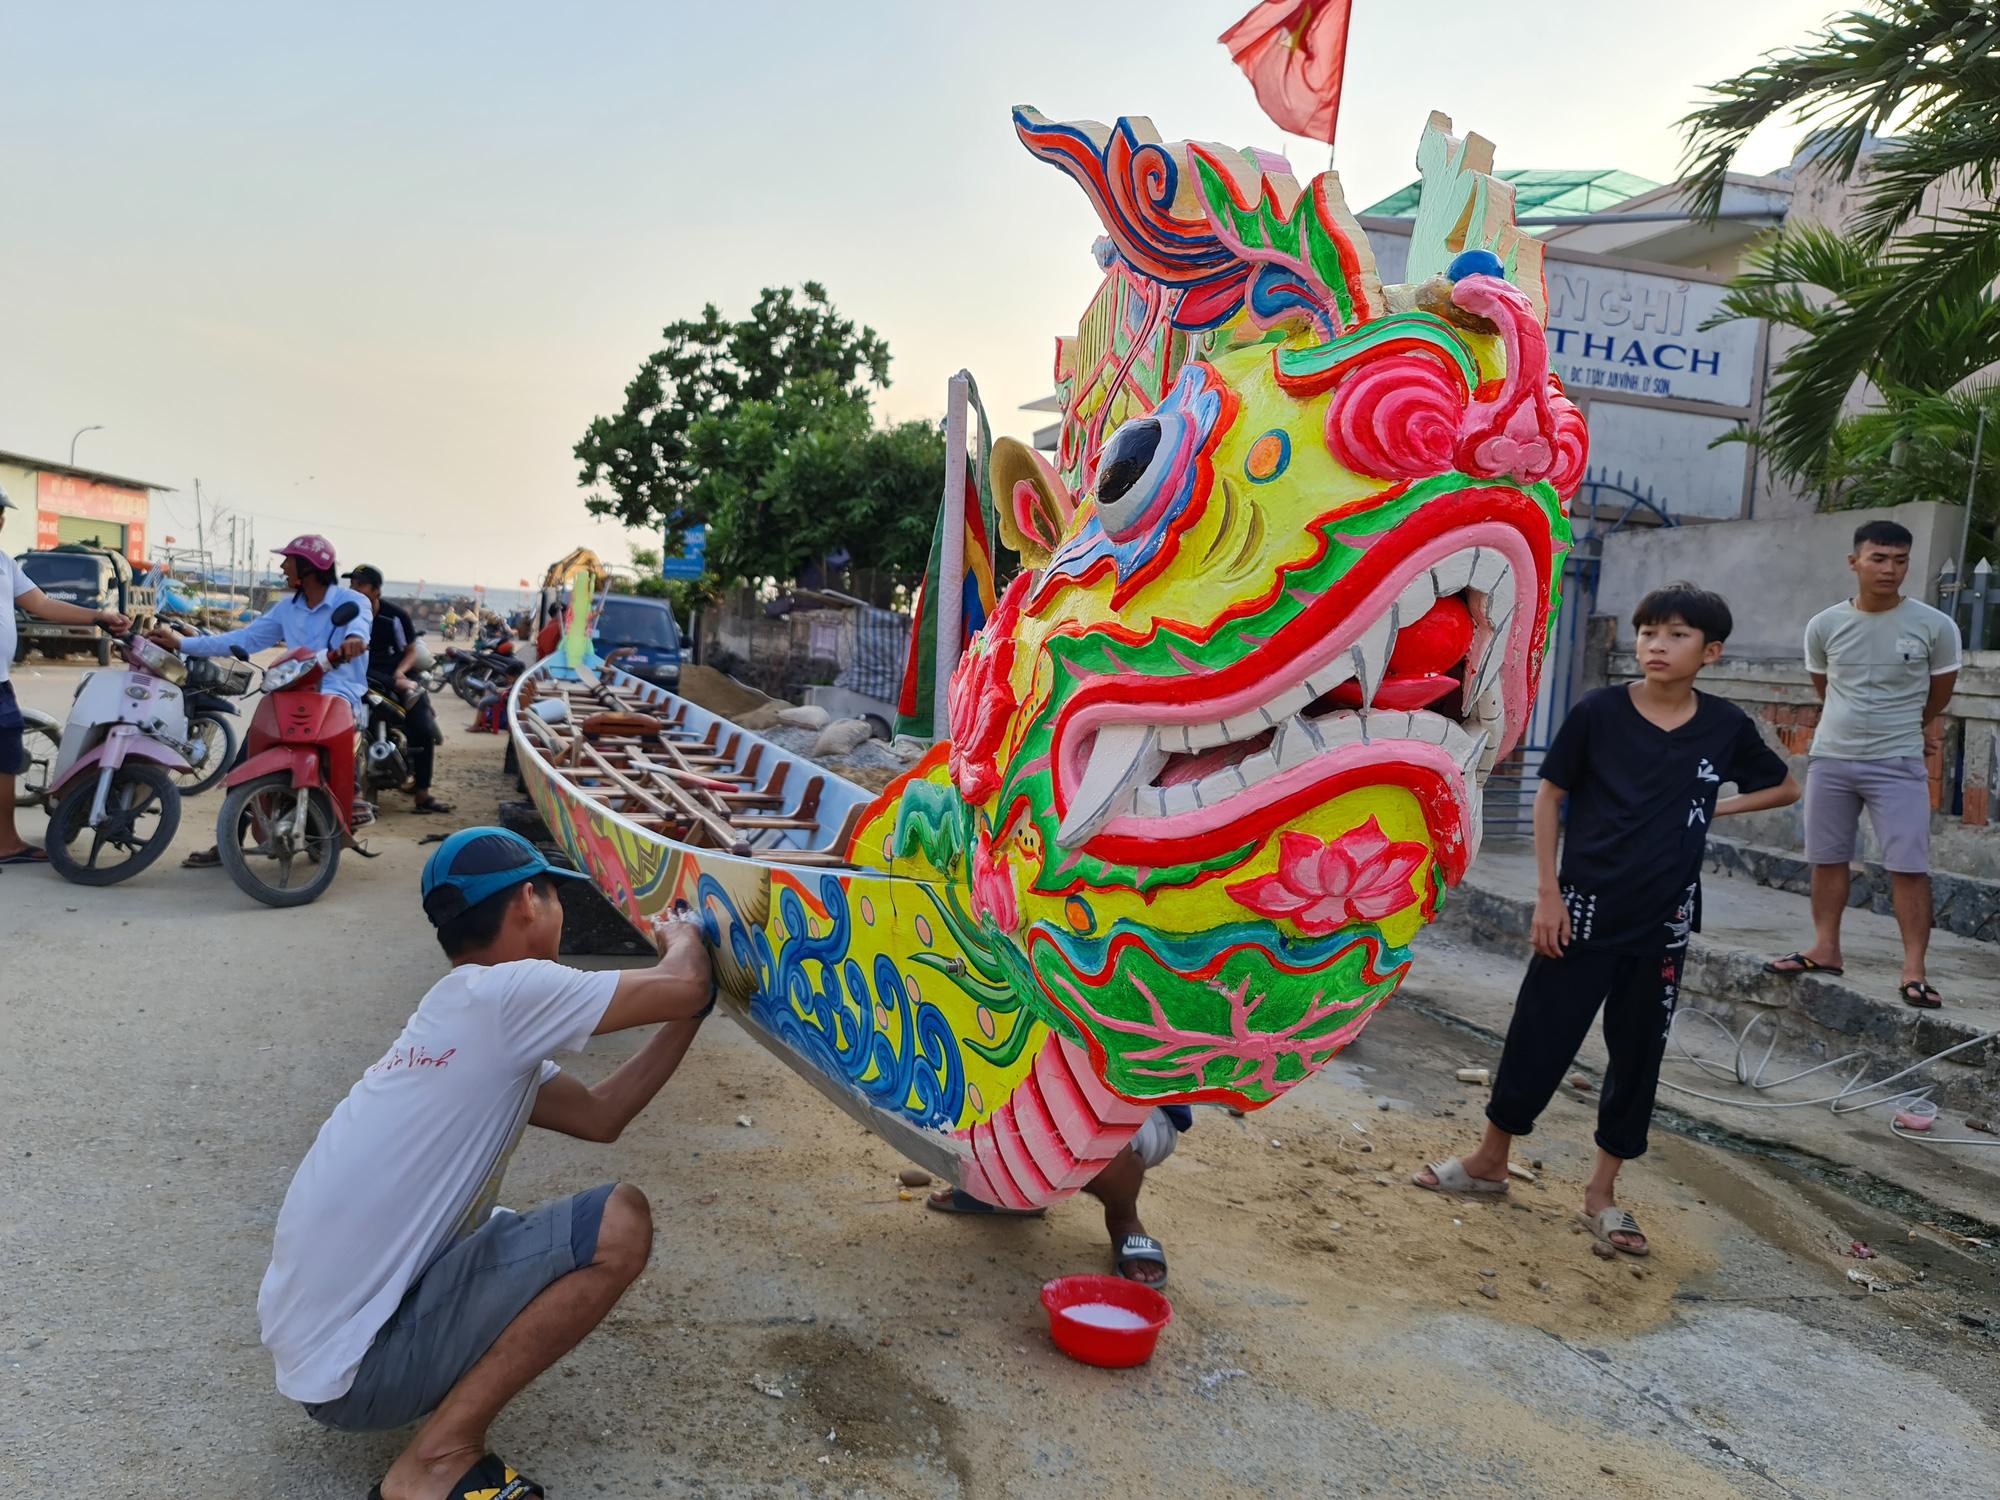 Nghi thức rửa thuyền, với người Lý Sơn, thuyền thể hiện khát vọng nên mỗi khi có lễ hội phải rửa sạch